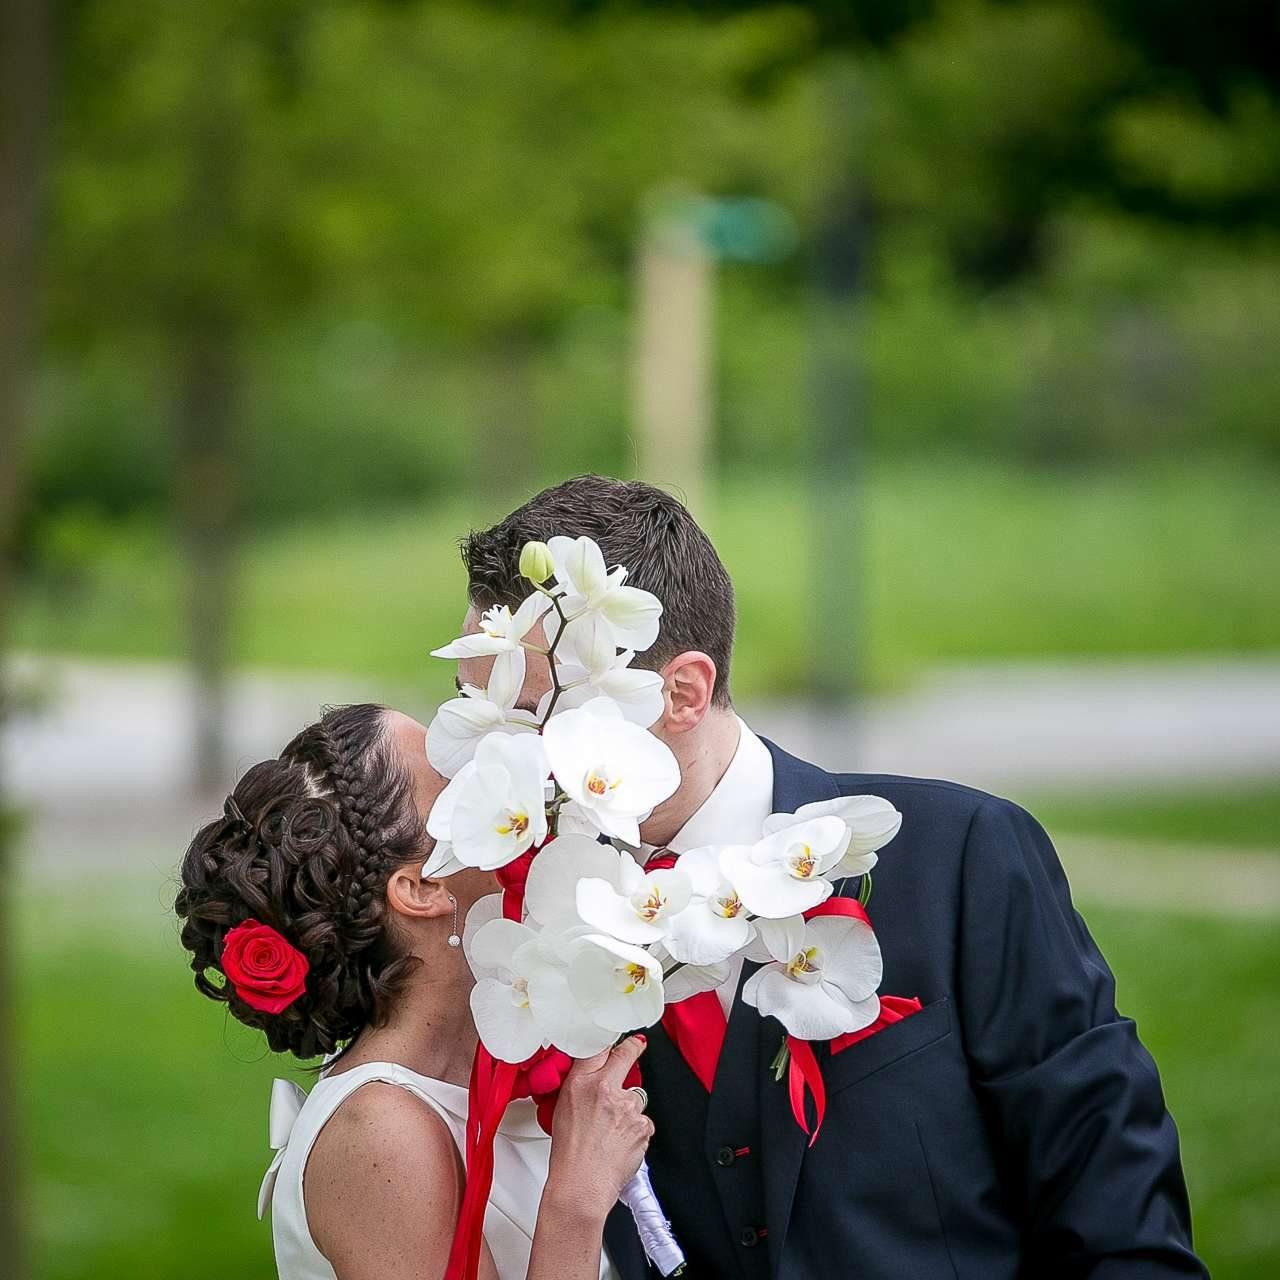 s9photographizm photographe professionnelle de mariage Nord Pas de Calais, Hauts de France Lille, Arras, Lens. Un regard moderne et artistique pour sublimer ce jour unique